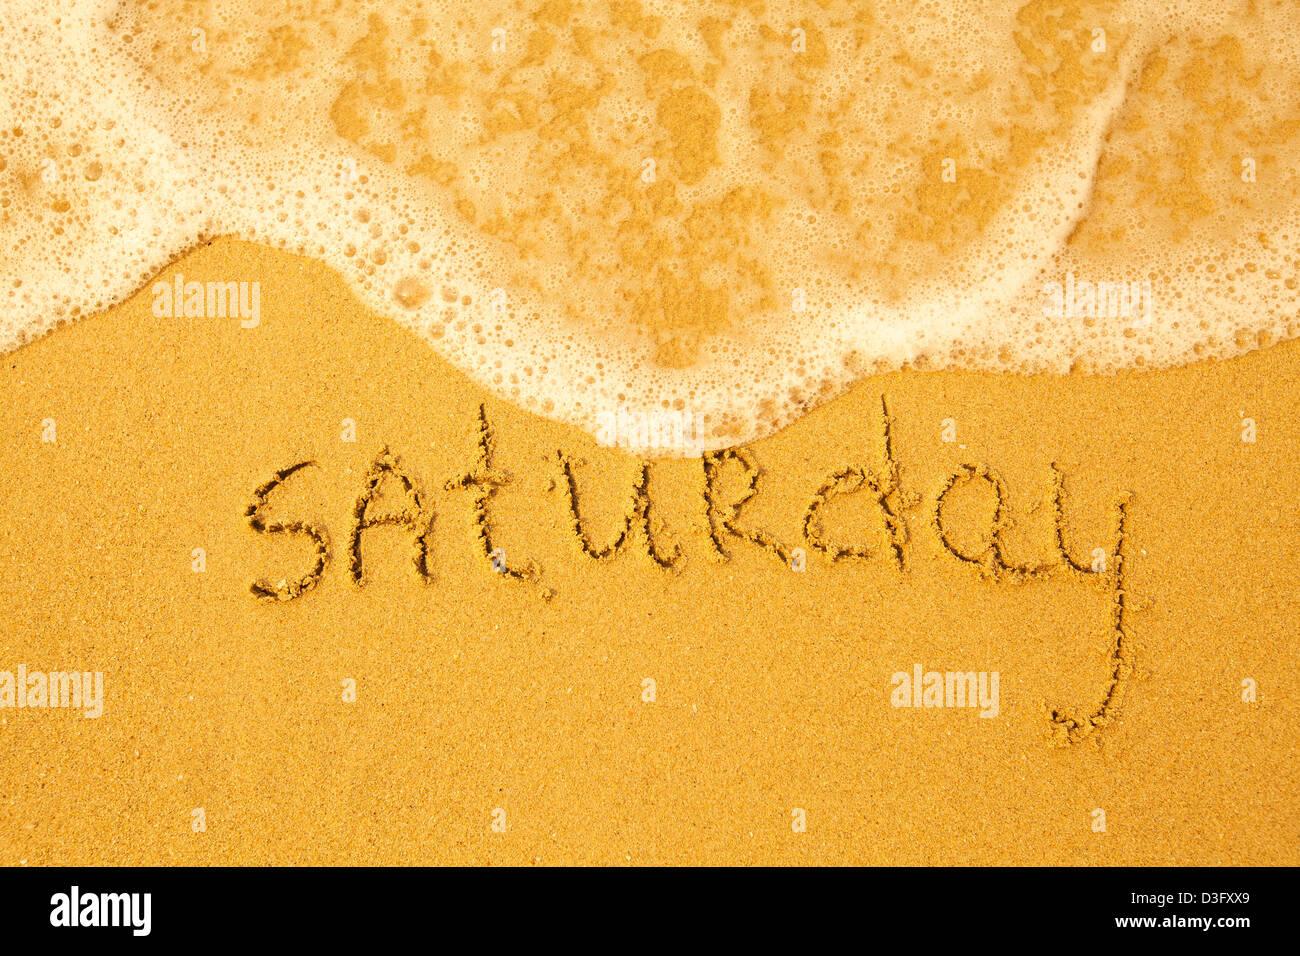 Sábado - escrito en la arena de la playa de suave textura - ola del mar Imagen De Stock